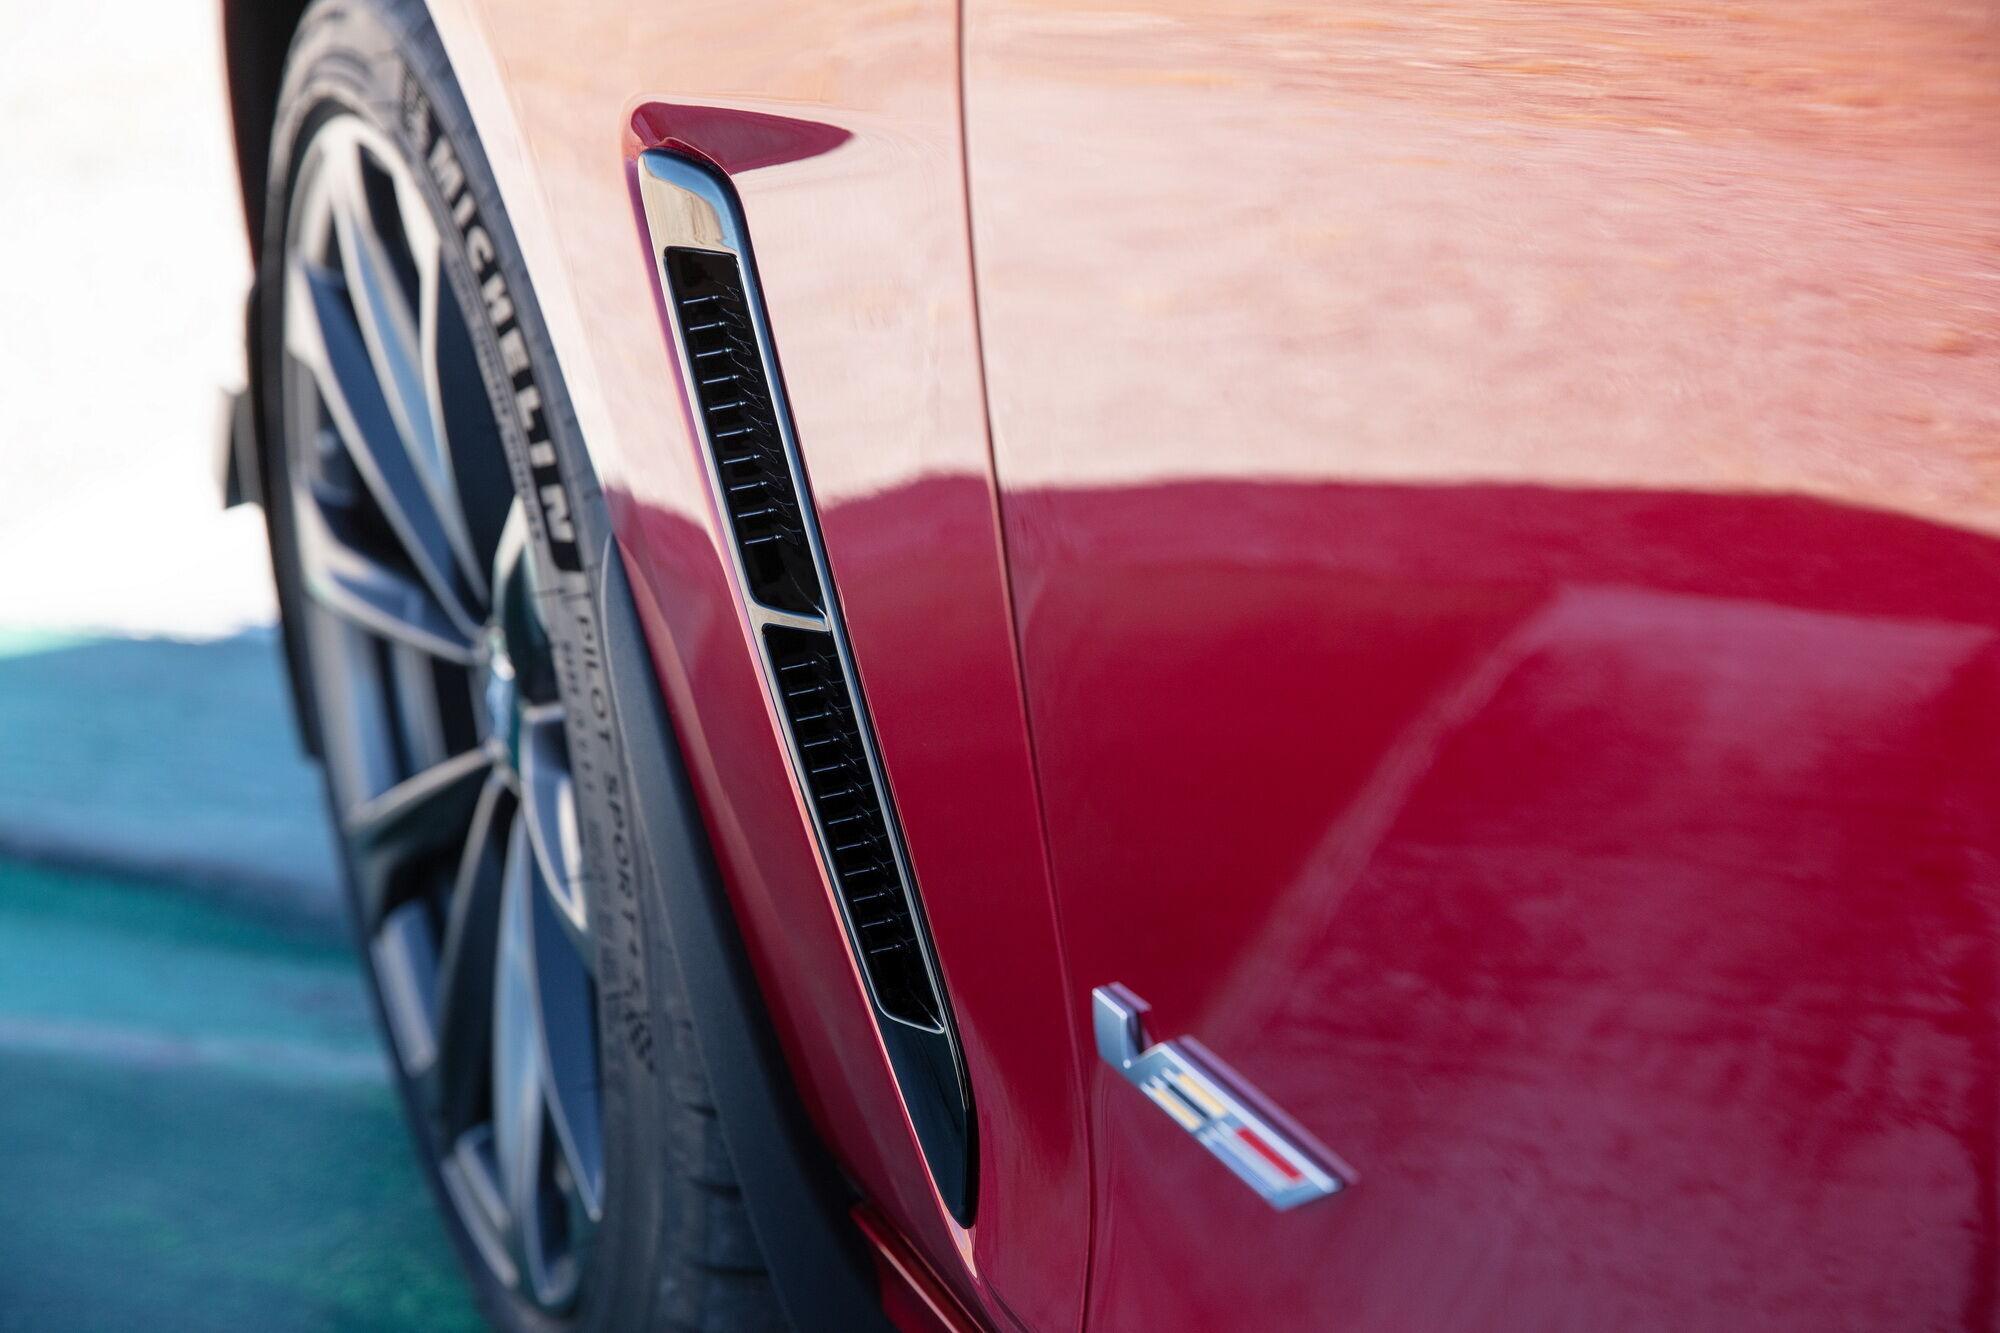 Внешне узнать Blackwing можно по дополнительным воздуховодам за передними колесами